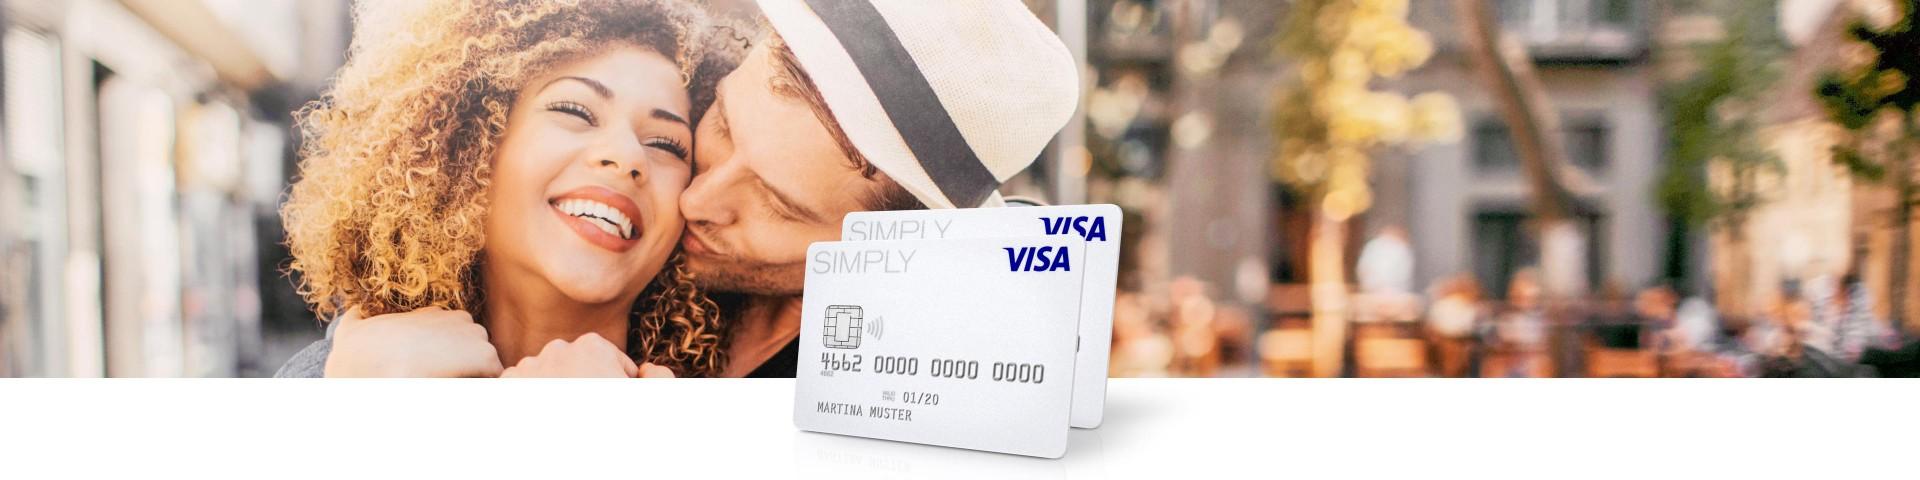 LIBERTYCARD Zusatzkarte